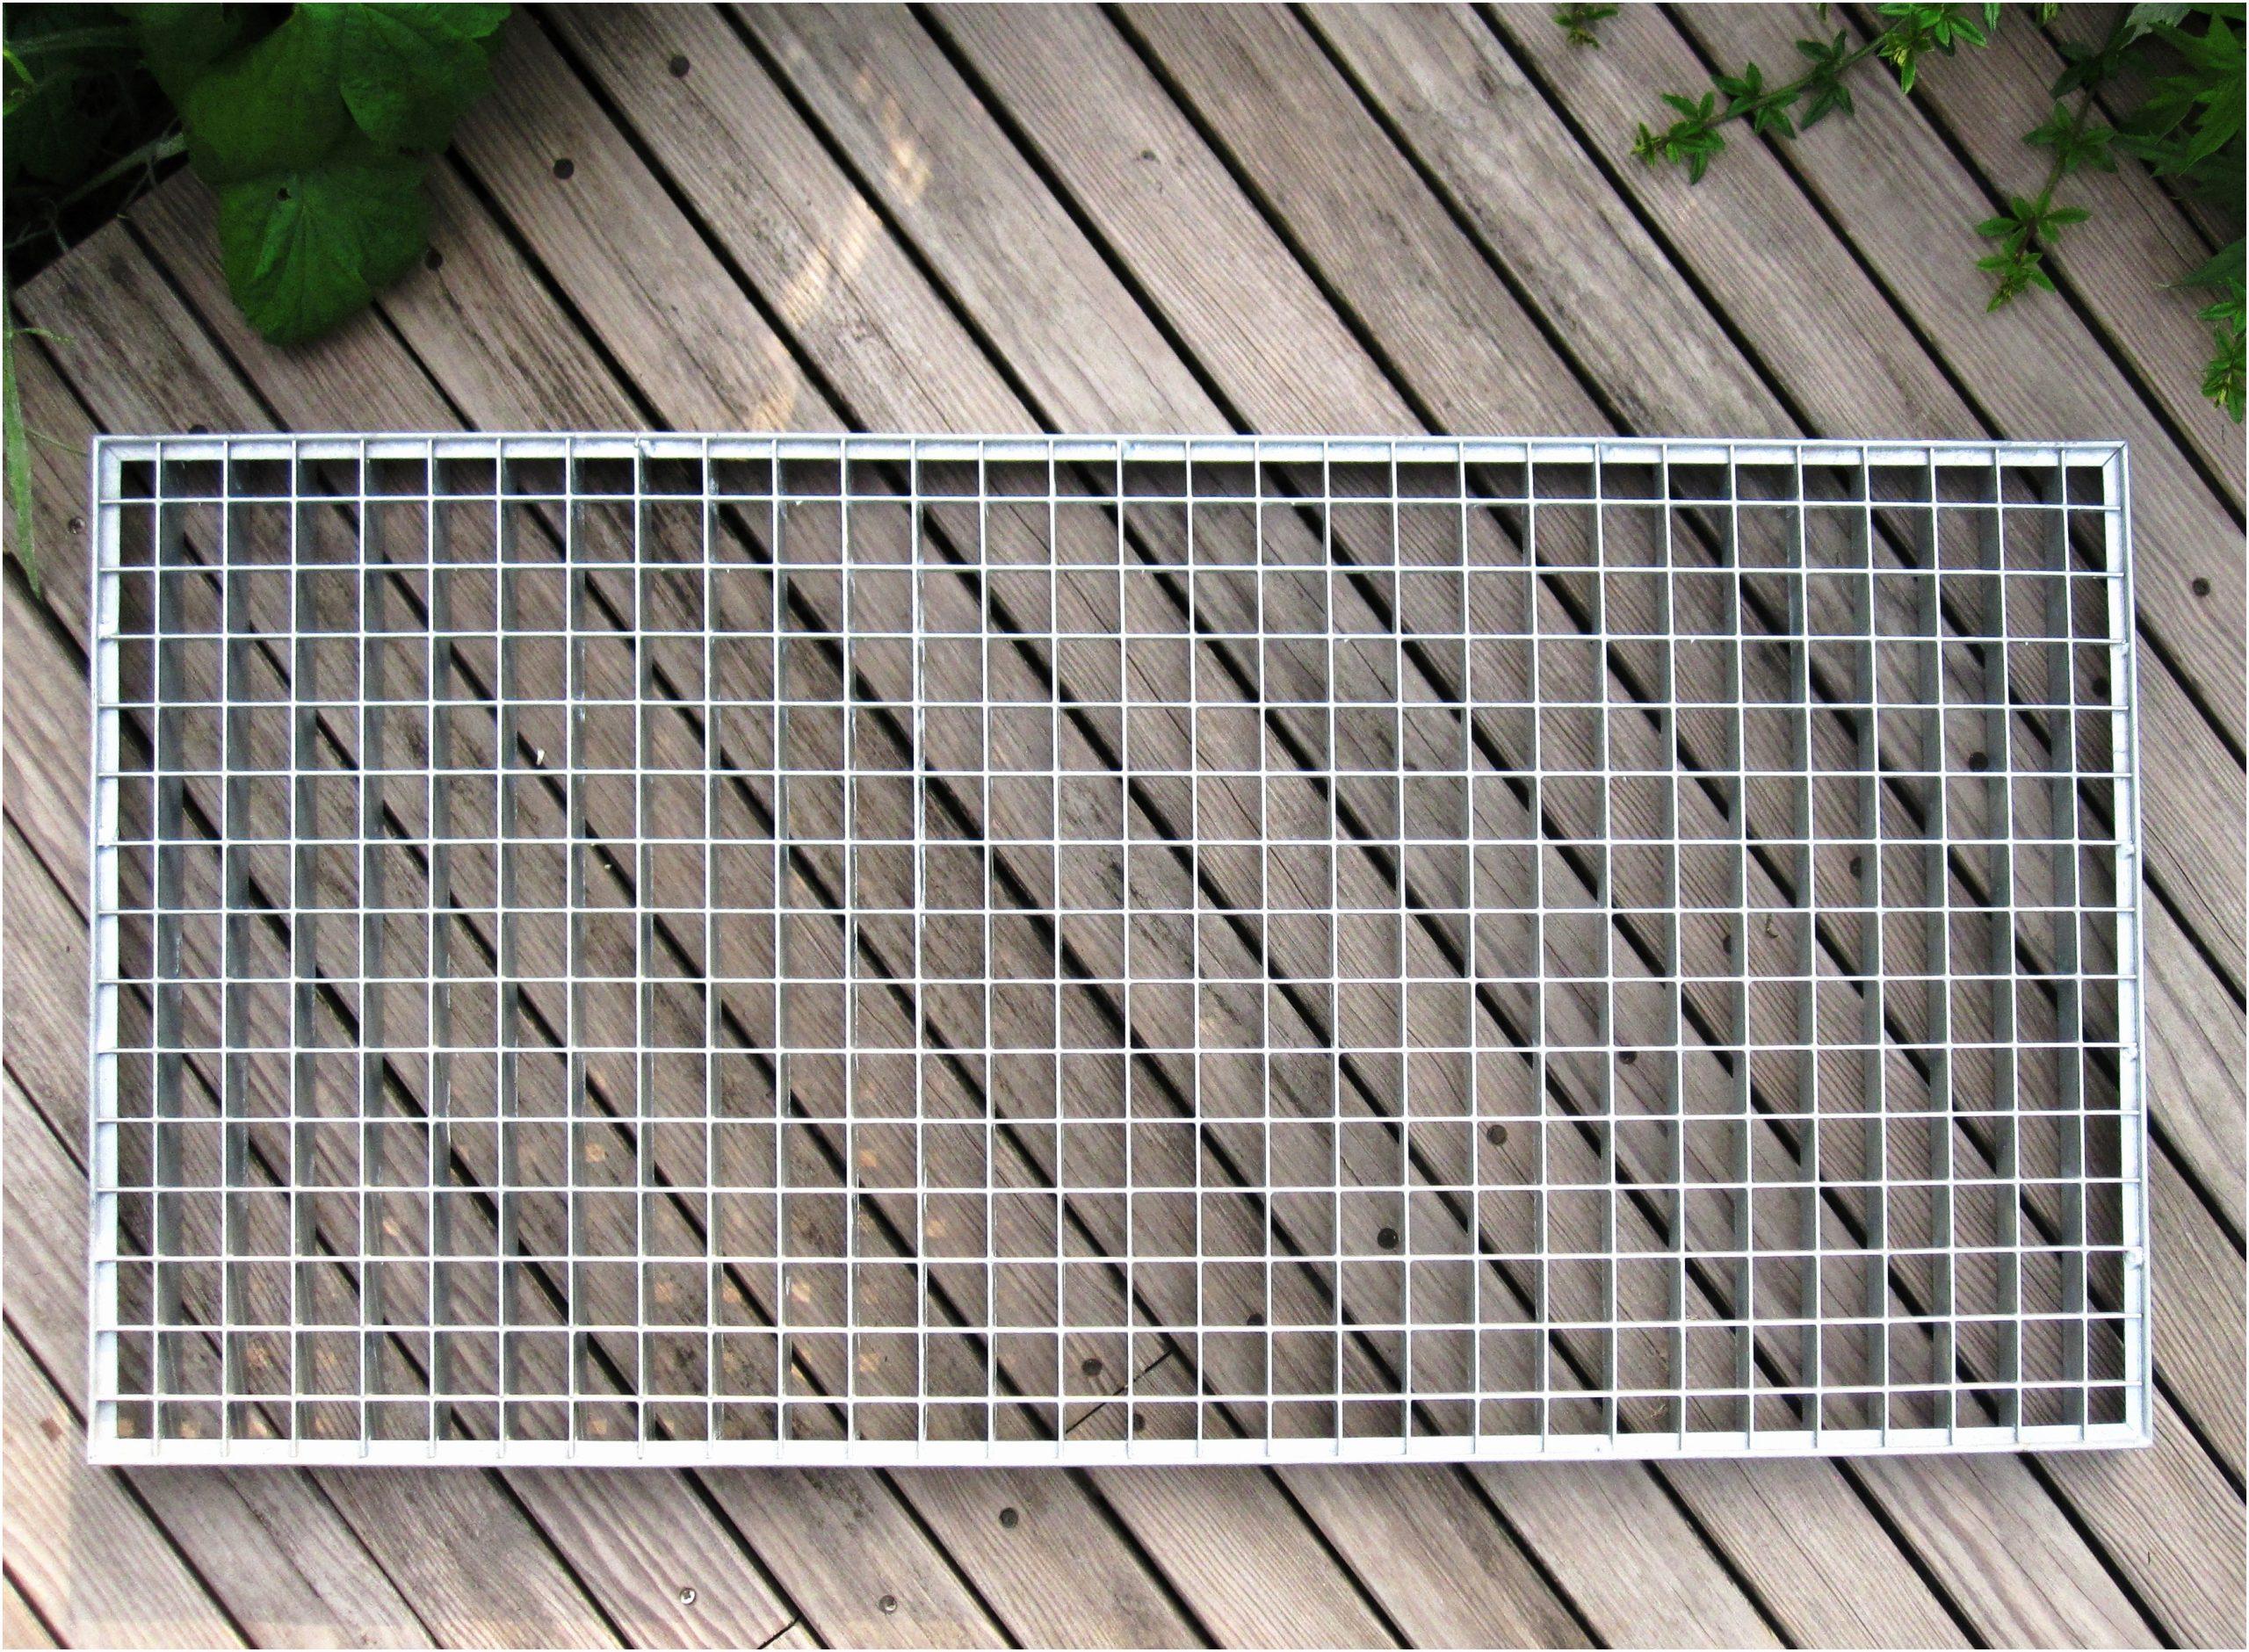 Mur De Cloture En Gabion Charmant Mur En Gabion Brico Depot ... tout Brico Depot Jardin Cloture